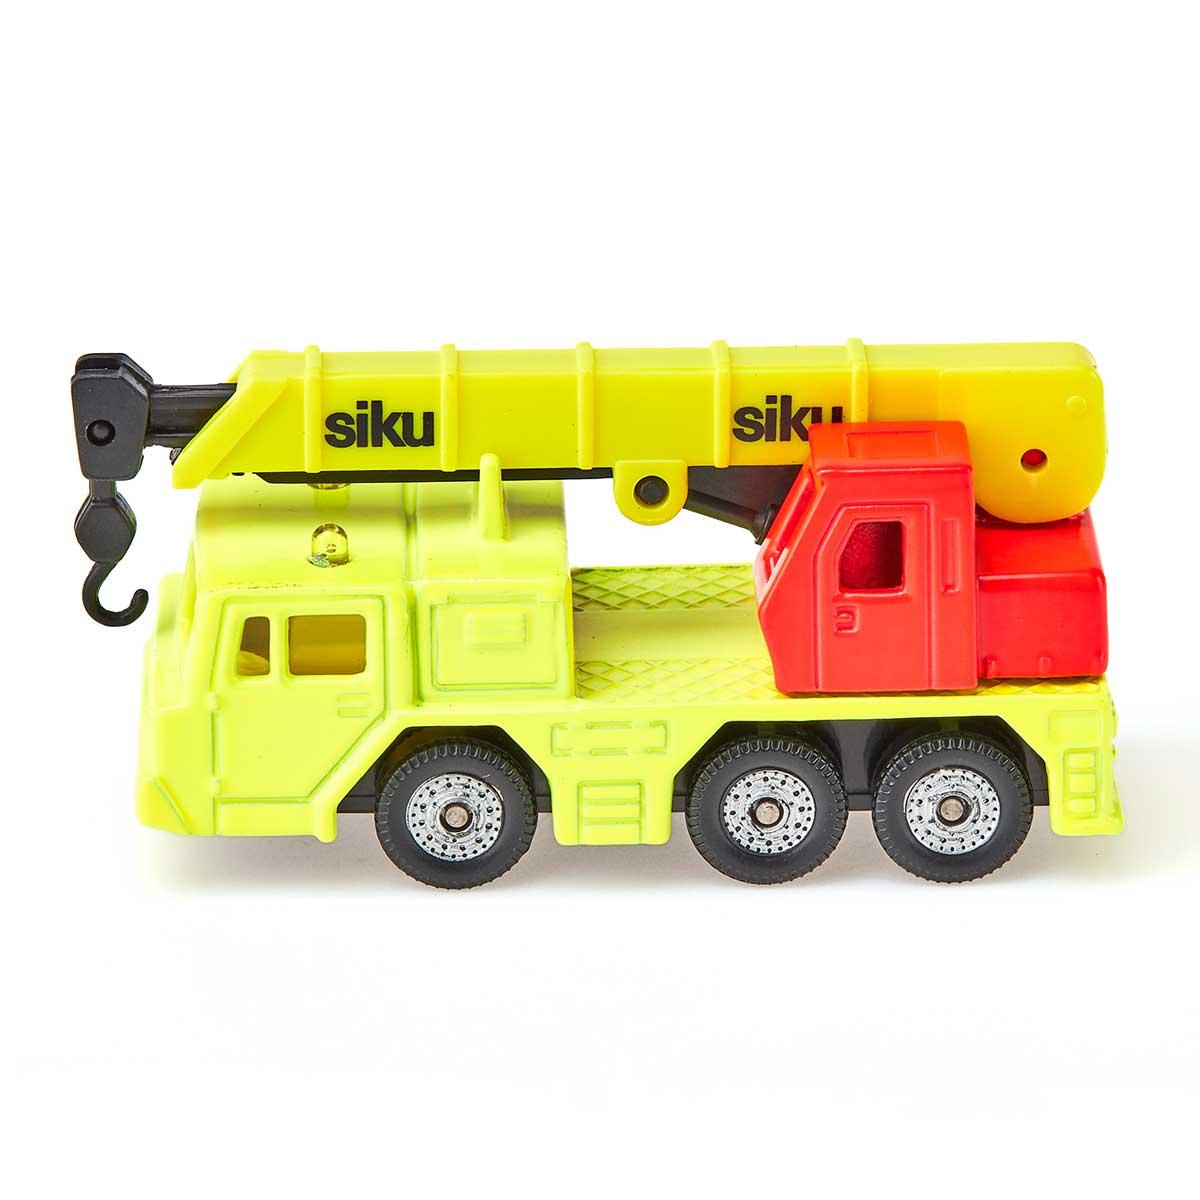 クレーントラック(ジク・SIKU)